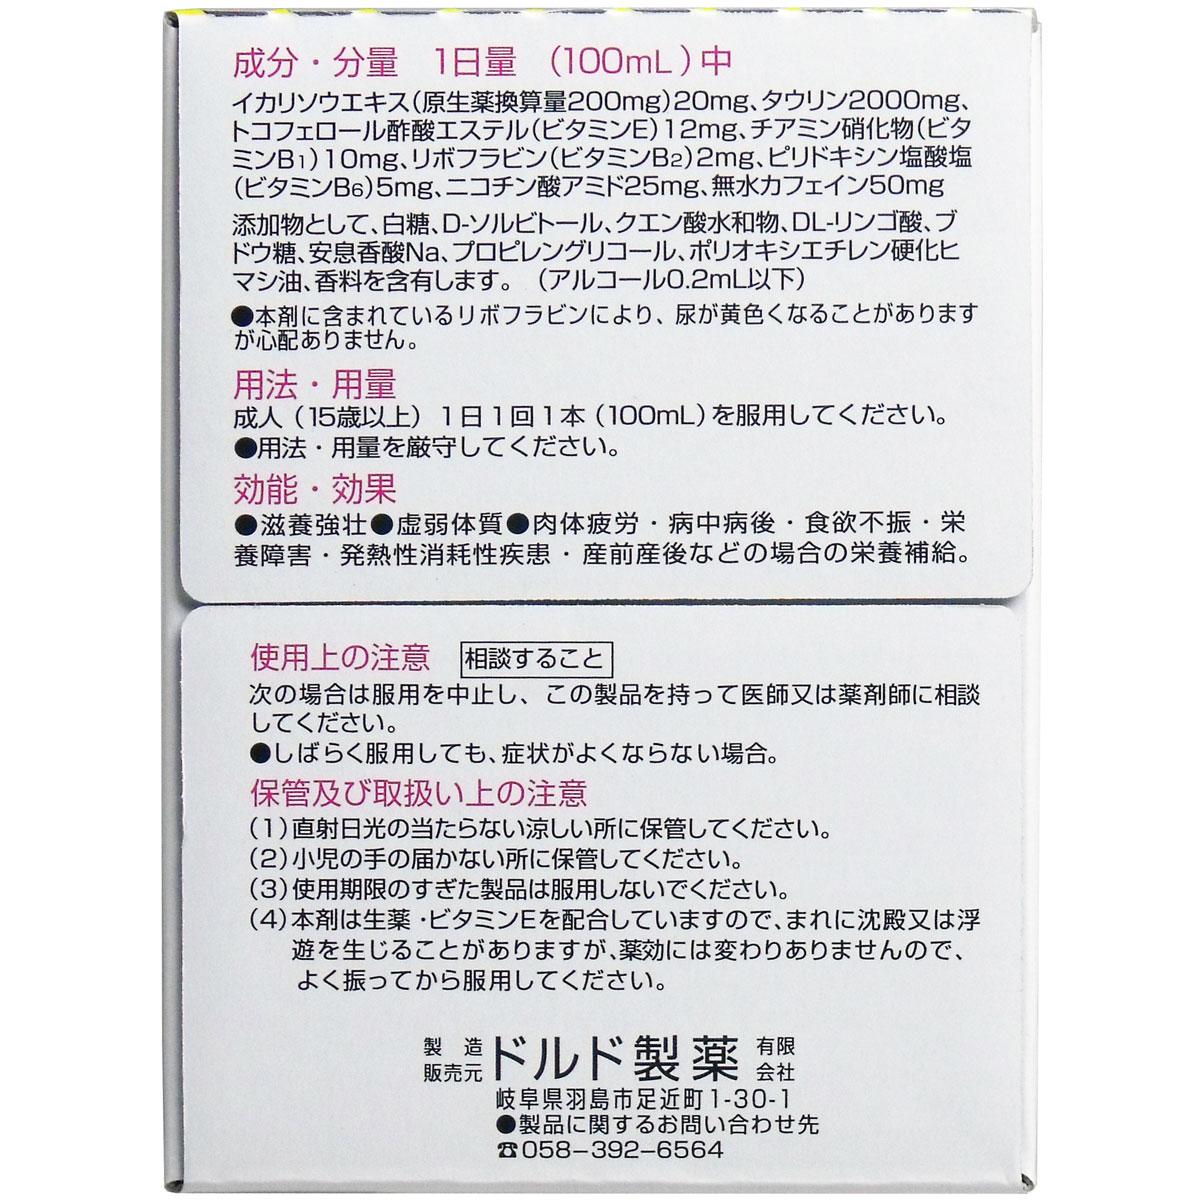 【第2類医薬品】新ドルドミンD100mL×10本入